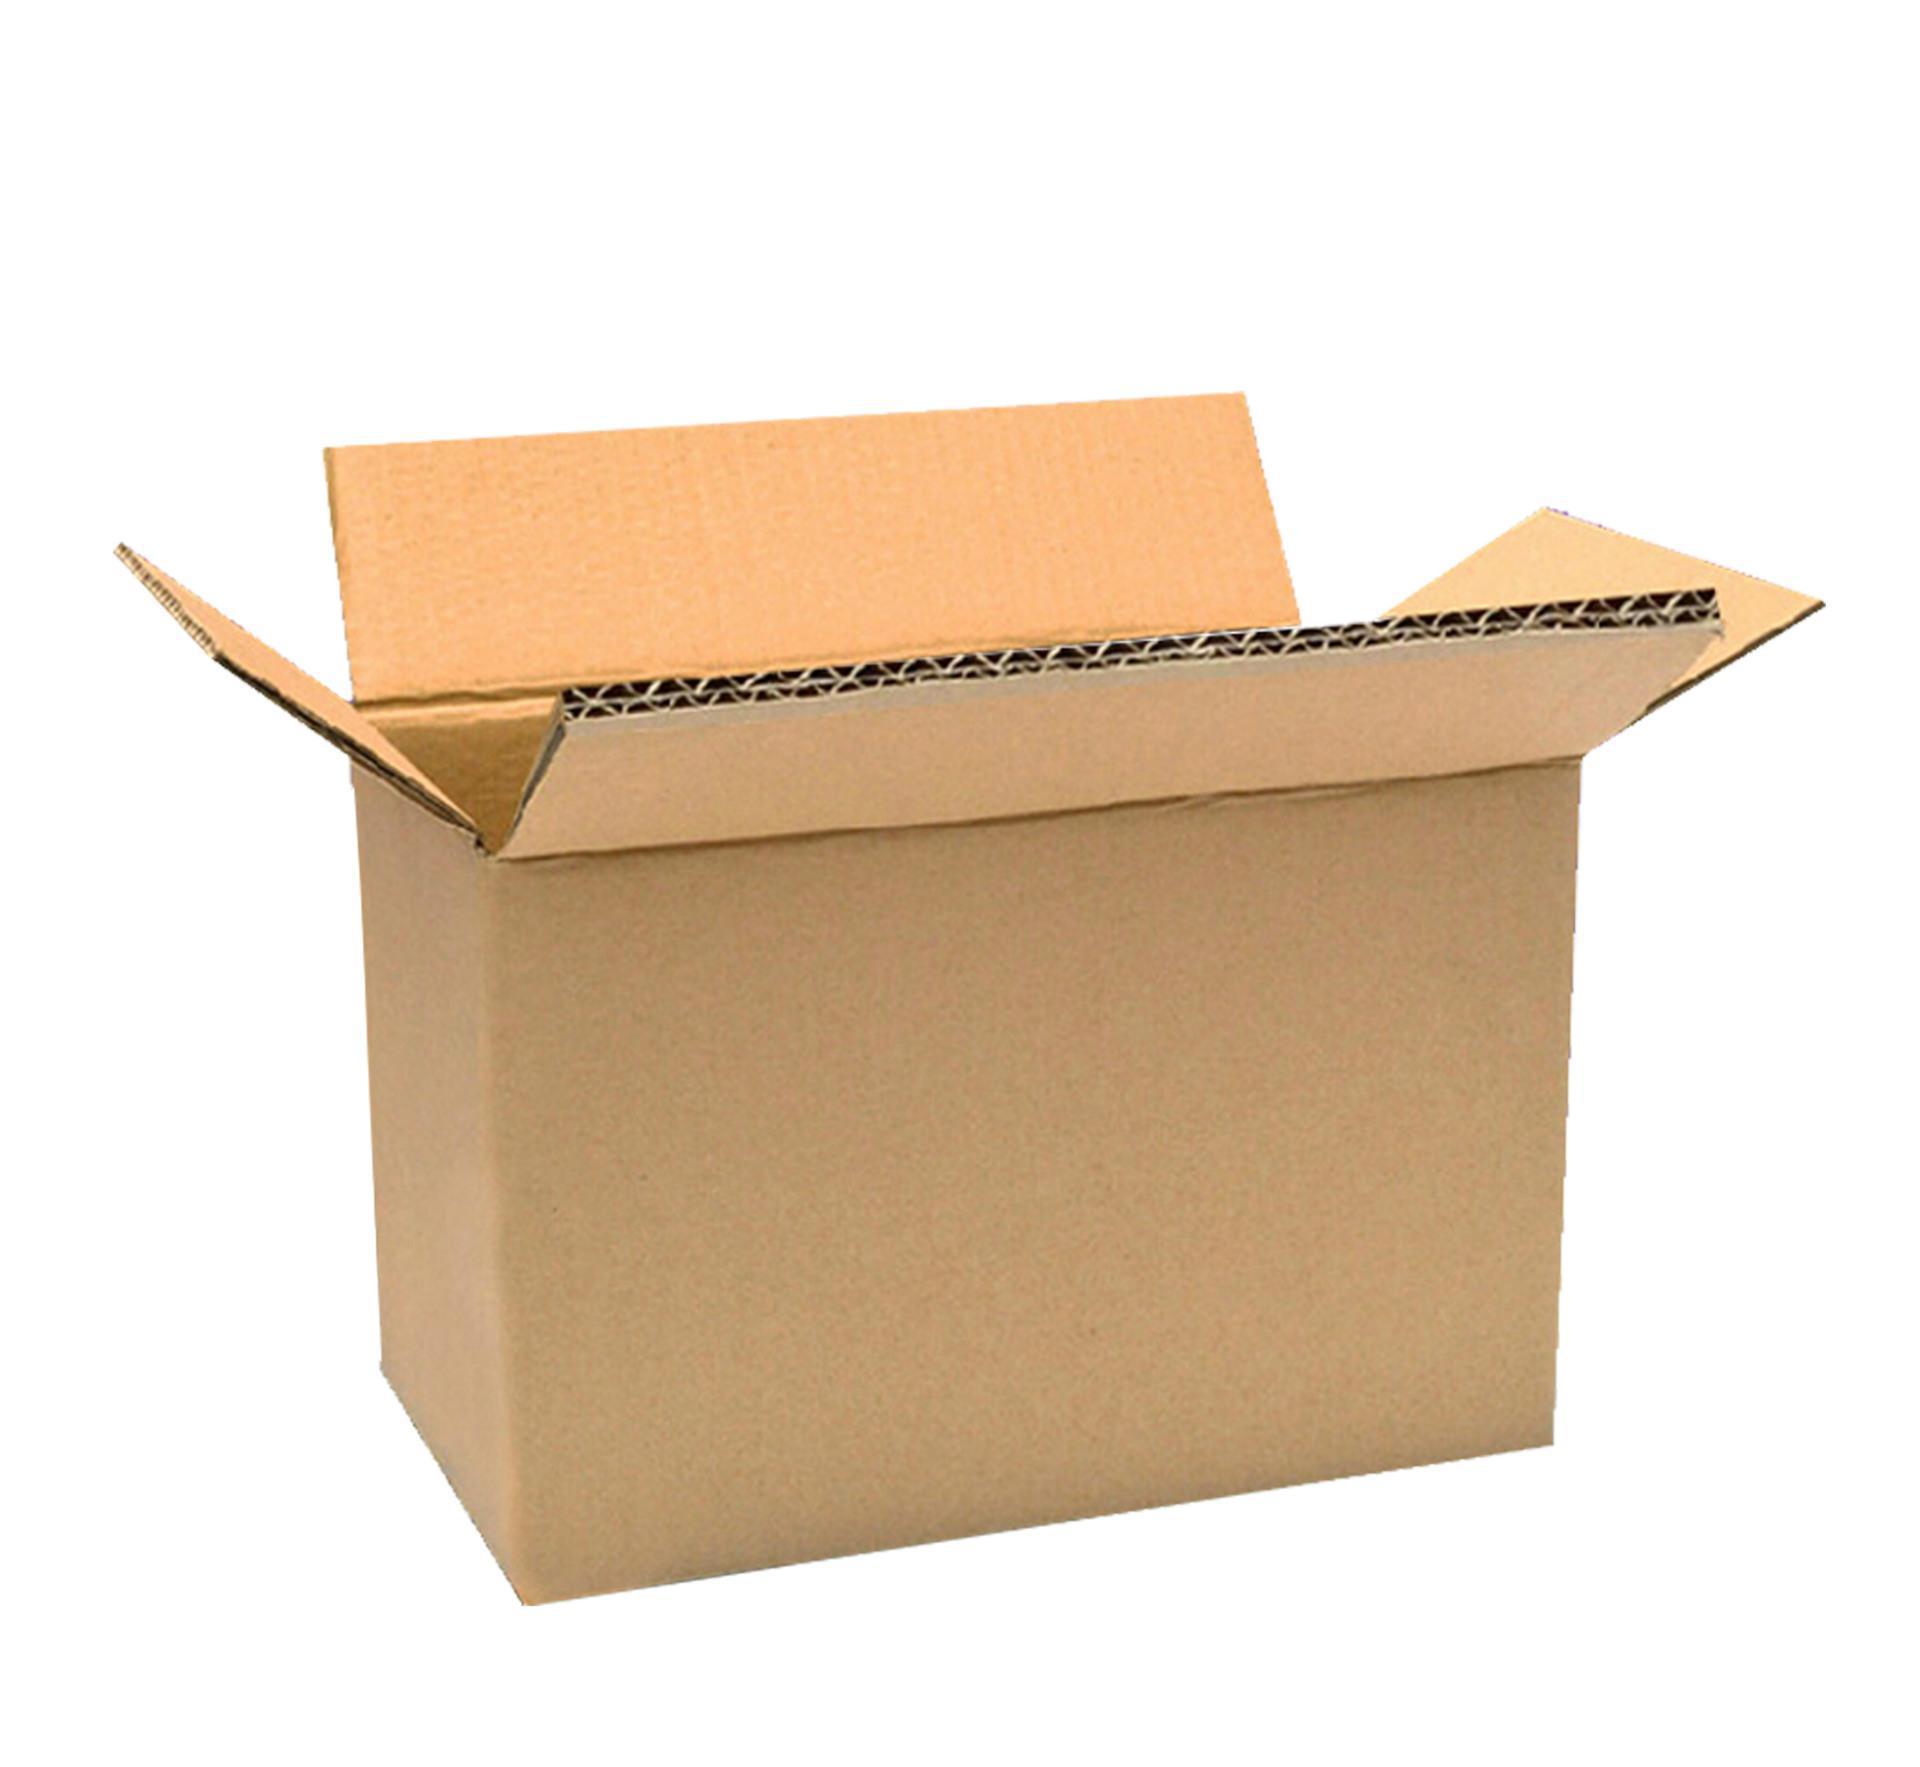 纸箱制造厂找贵州鑫樽公司|如何选购纸箱制作